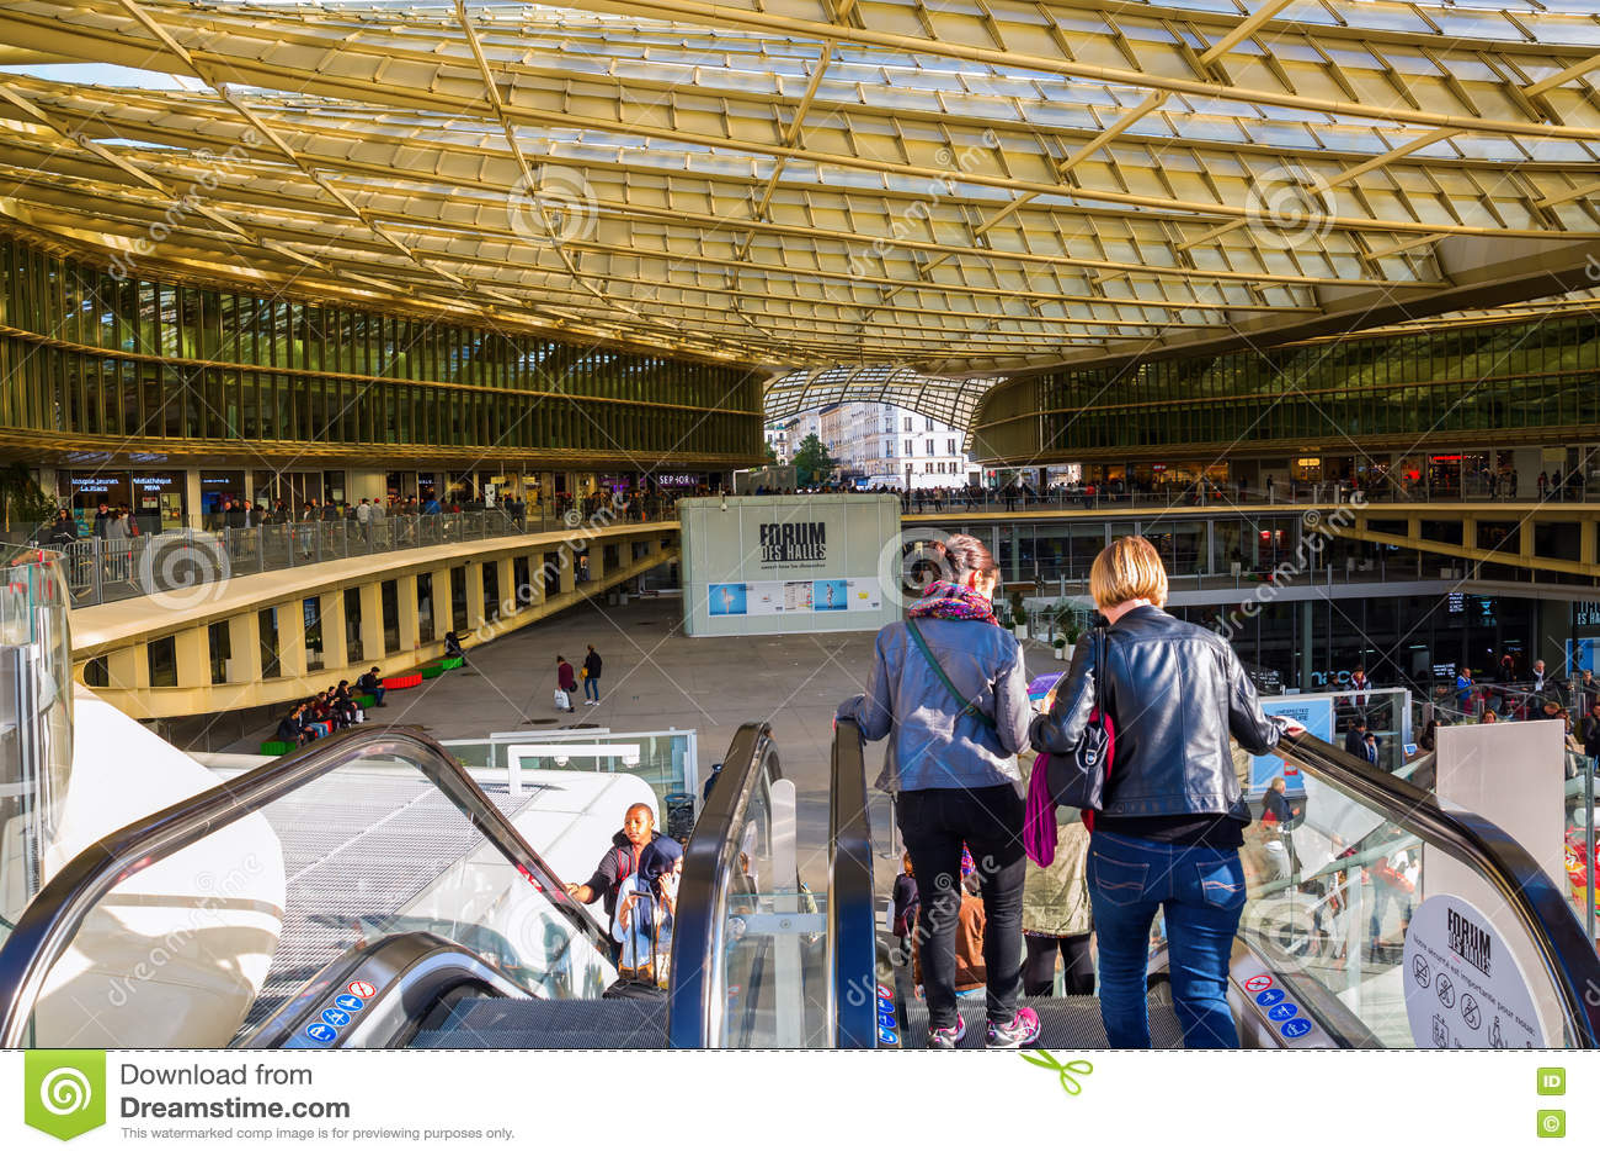 Forum les halles in paris france editorial photography image 81948912 - Les halles boutiques ...